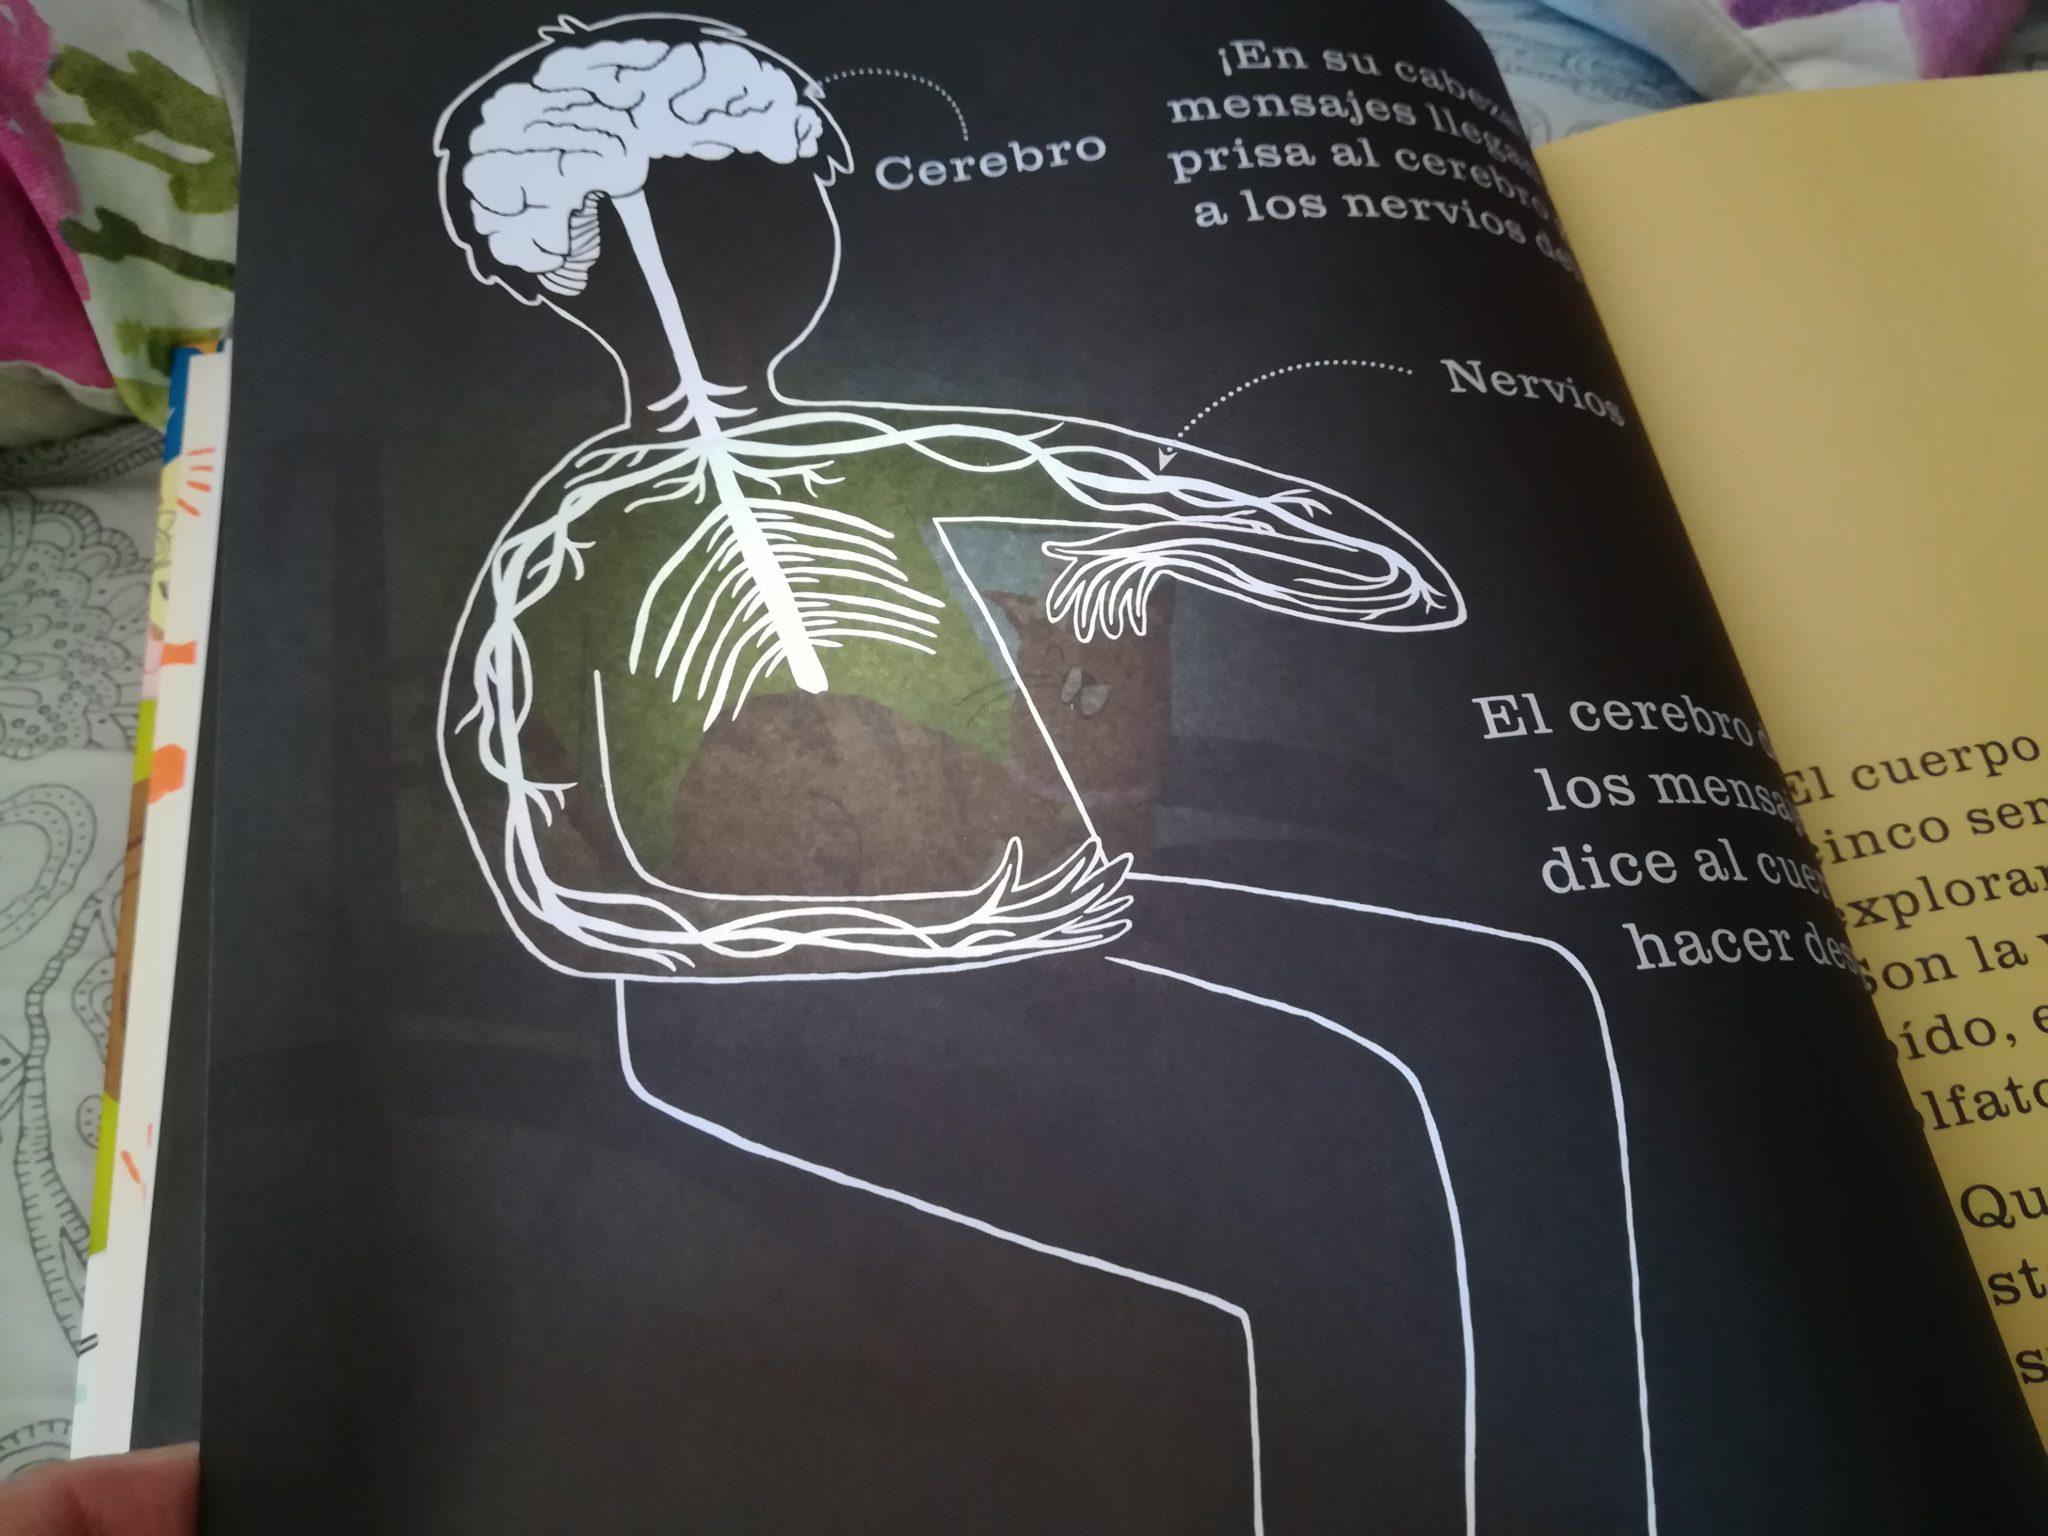 IMG 20180615 104340 - Descubrir el cuerpo humano a los niños con Astronave